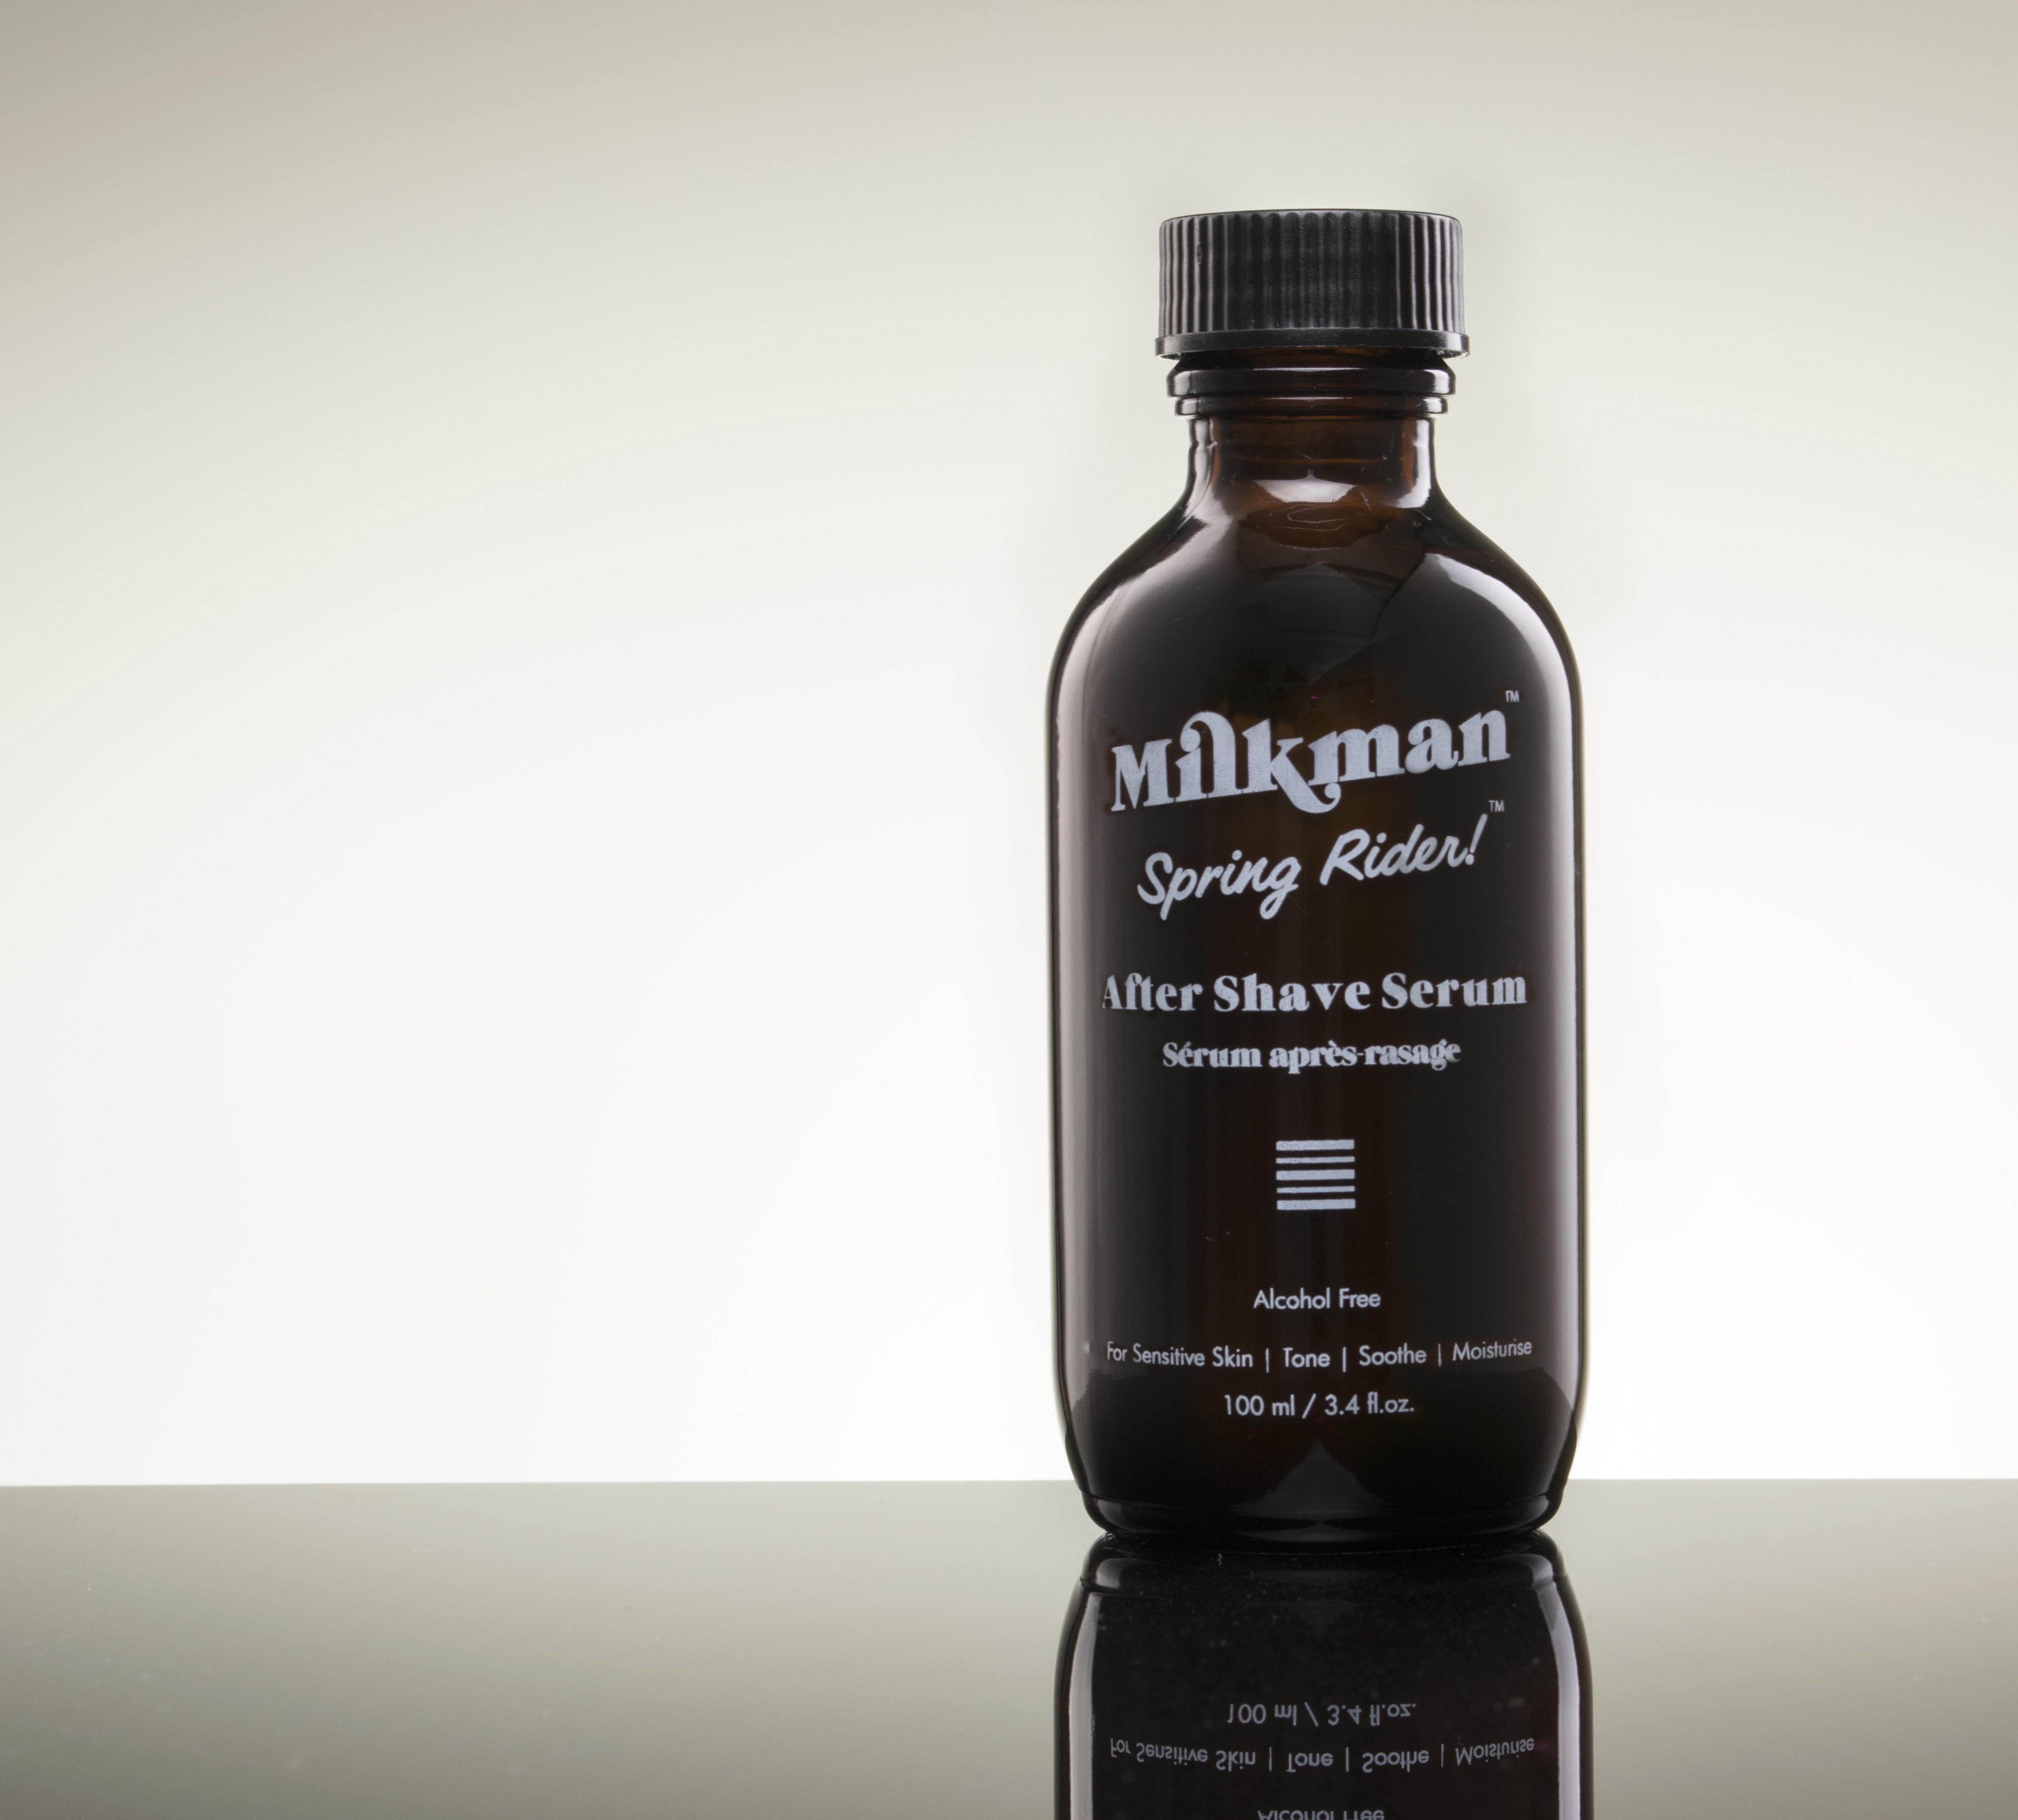 Milkman Grooming Co package sweepstakes